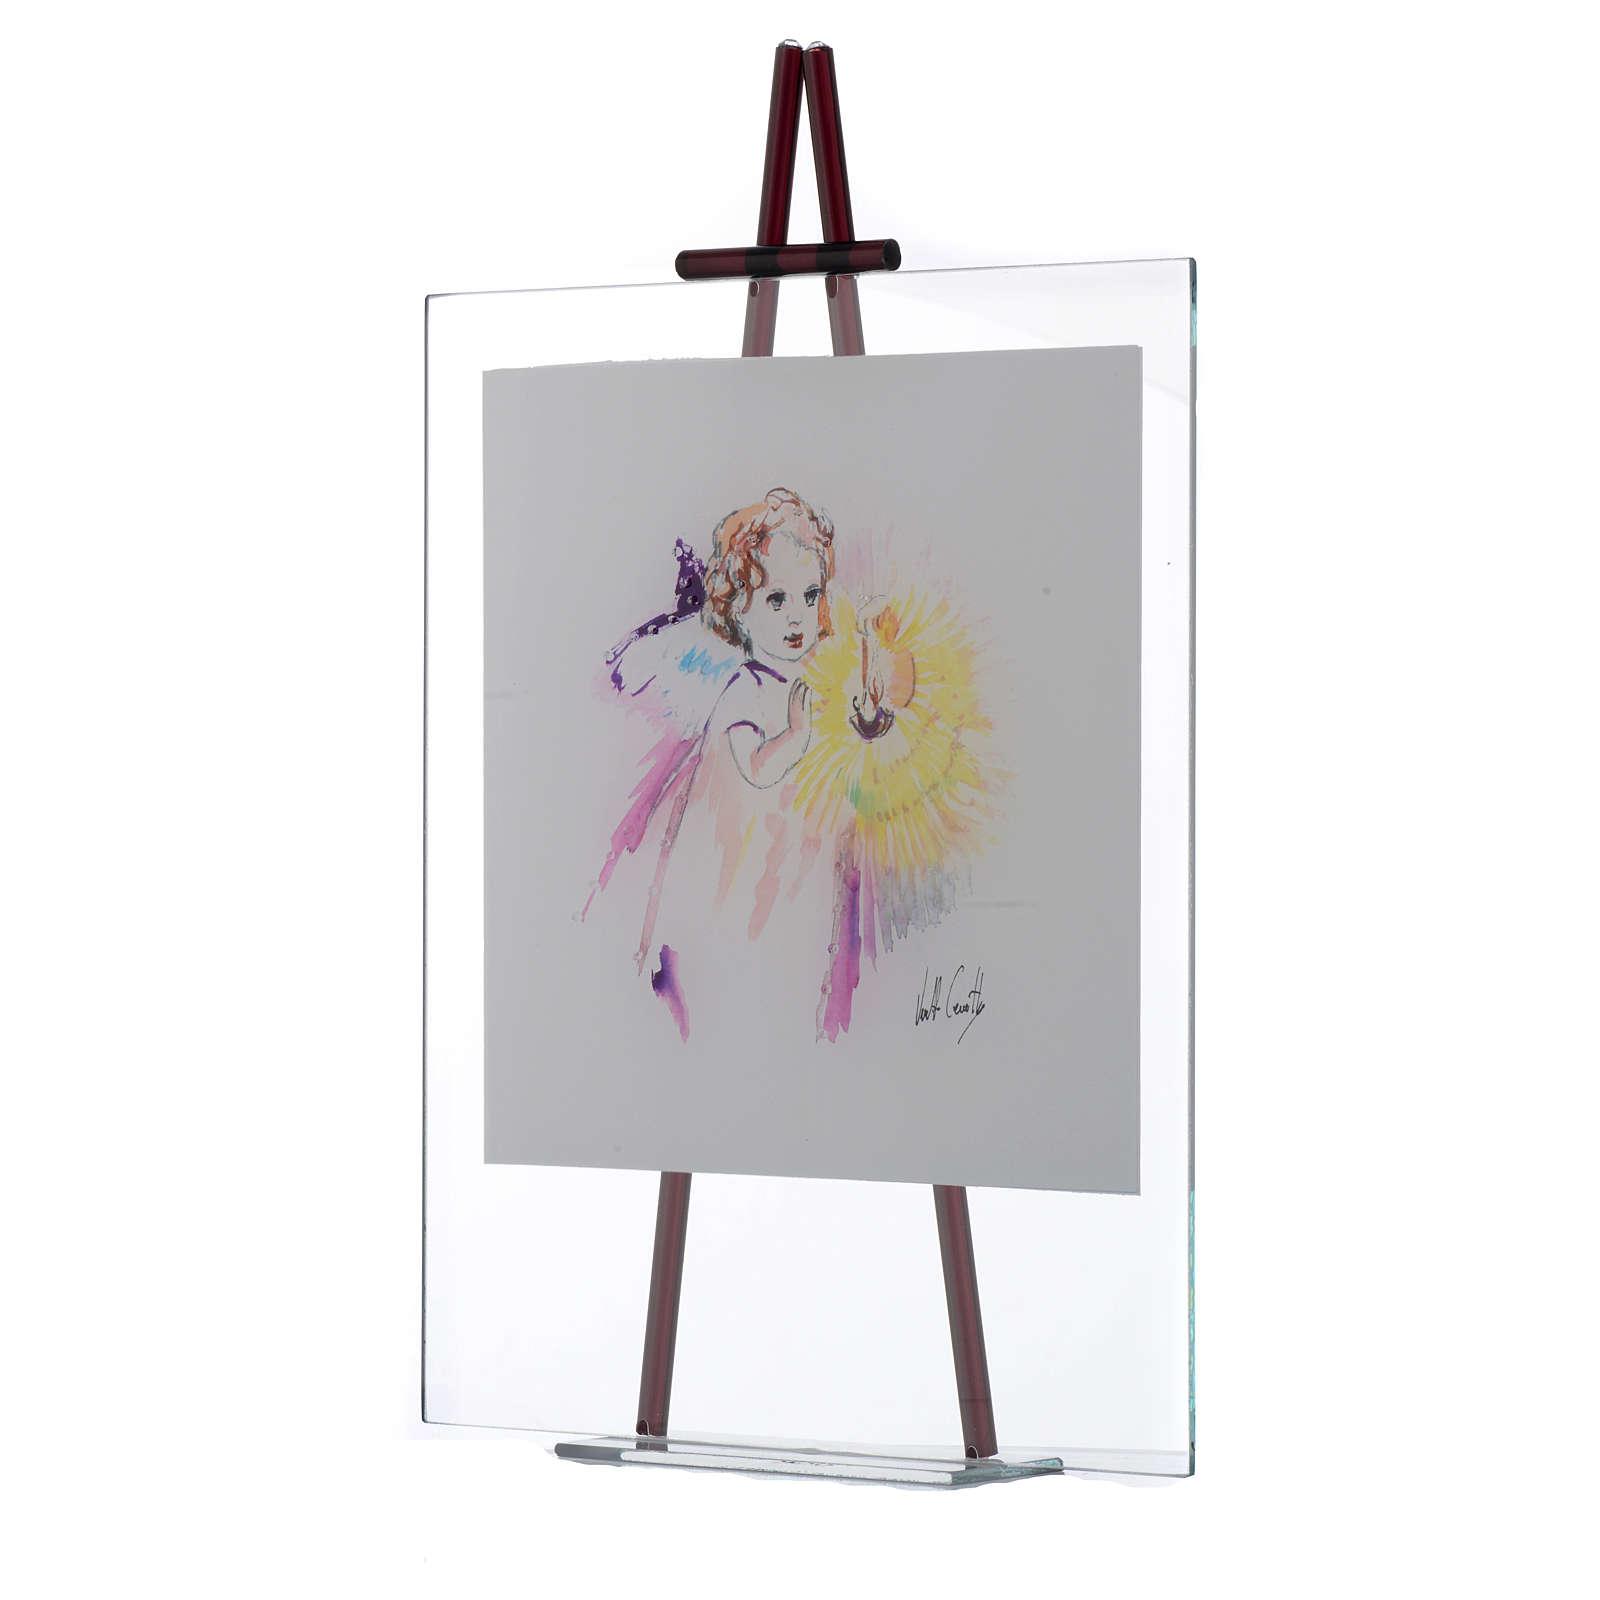 Quadro acquerello Luce da appoggio 27x32 cm Lilla 3